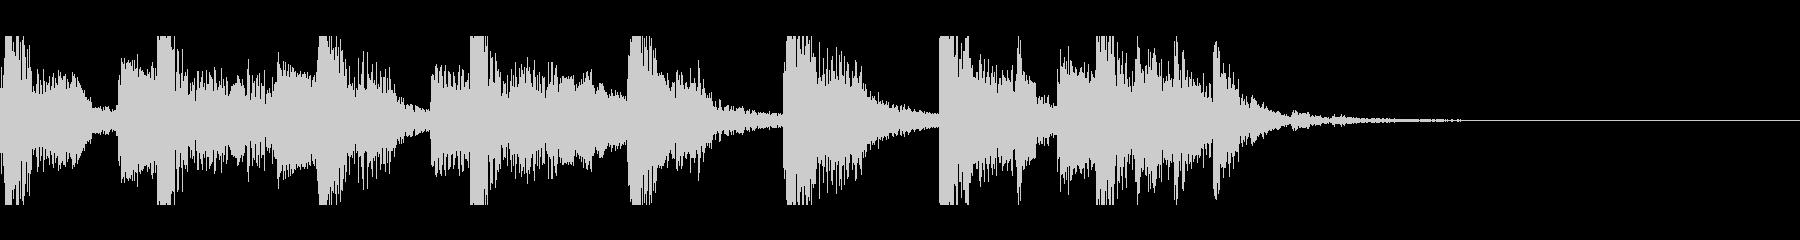 ディスコなジングルの未再生の波形